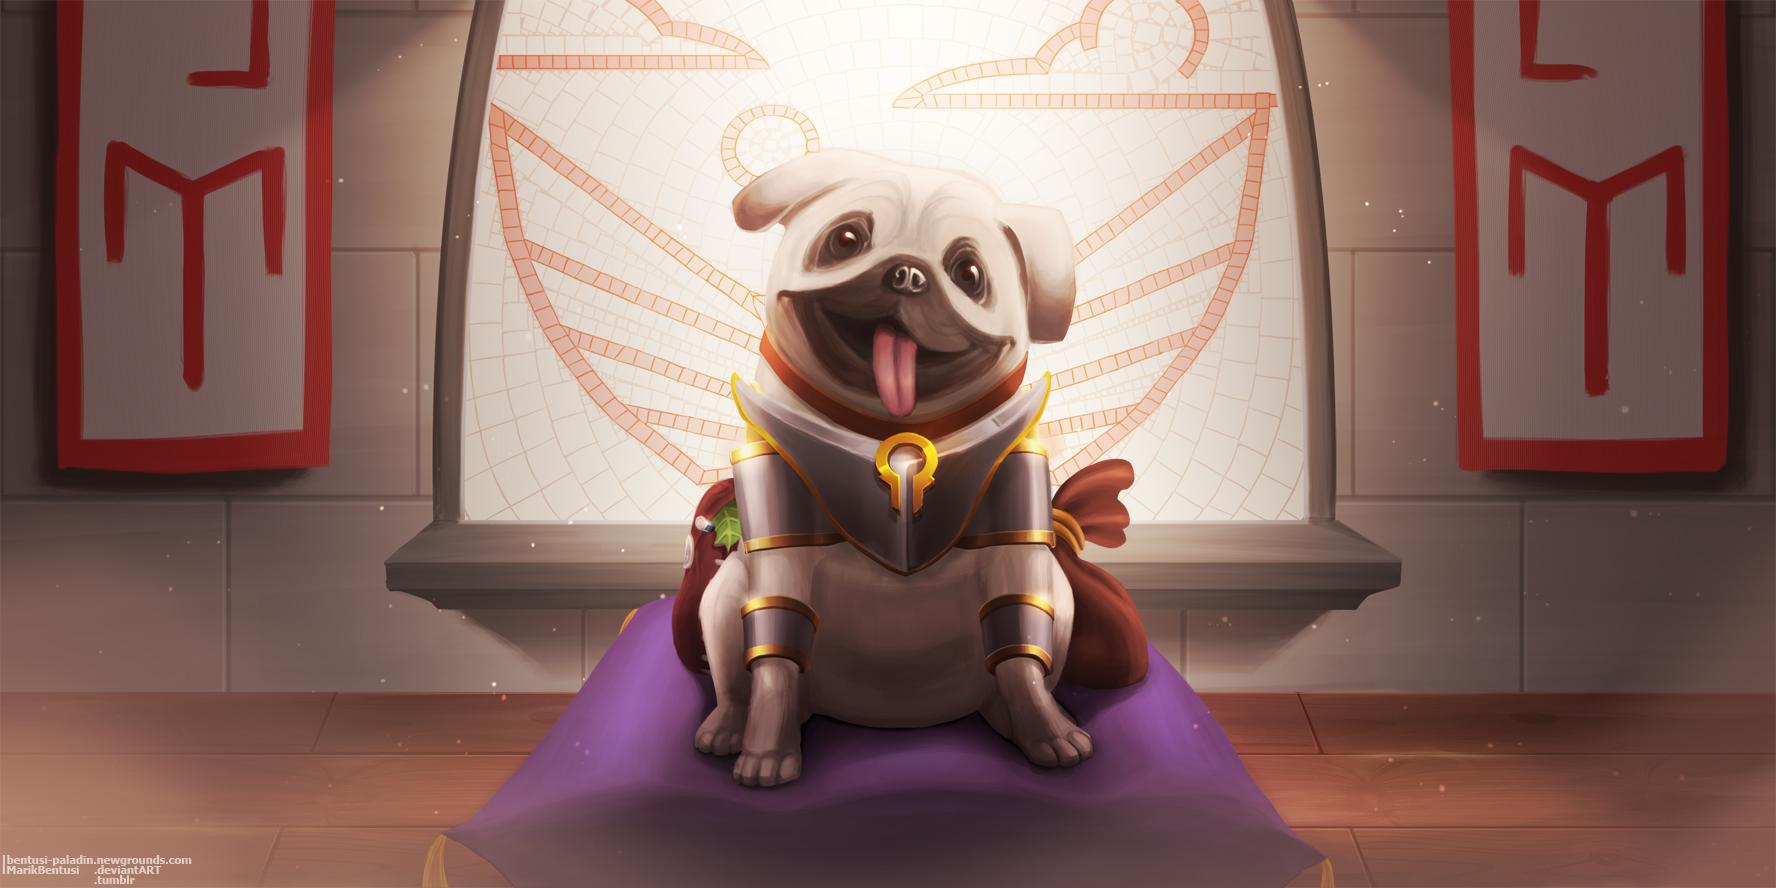 Someone's DOTA2 pug